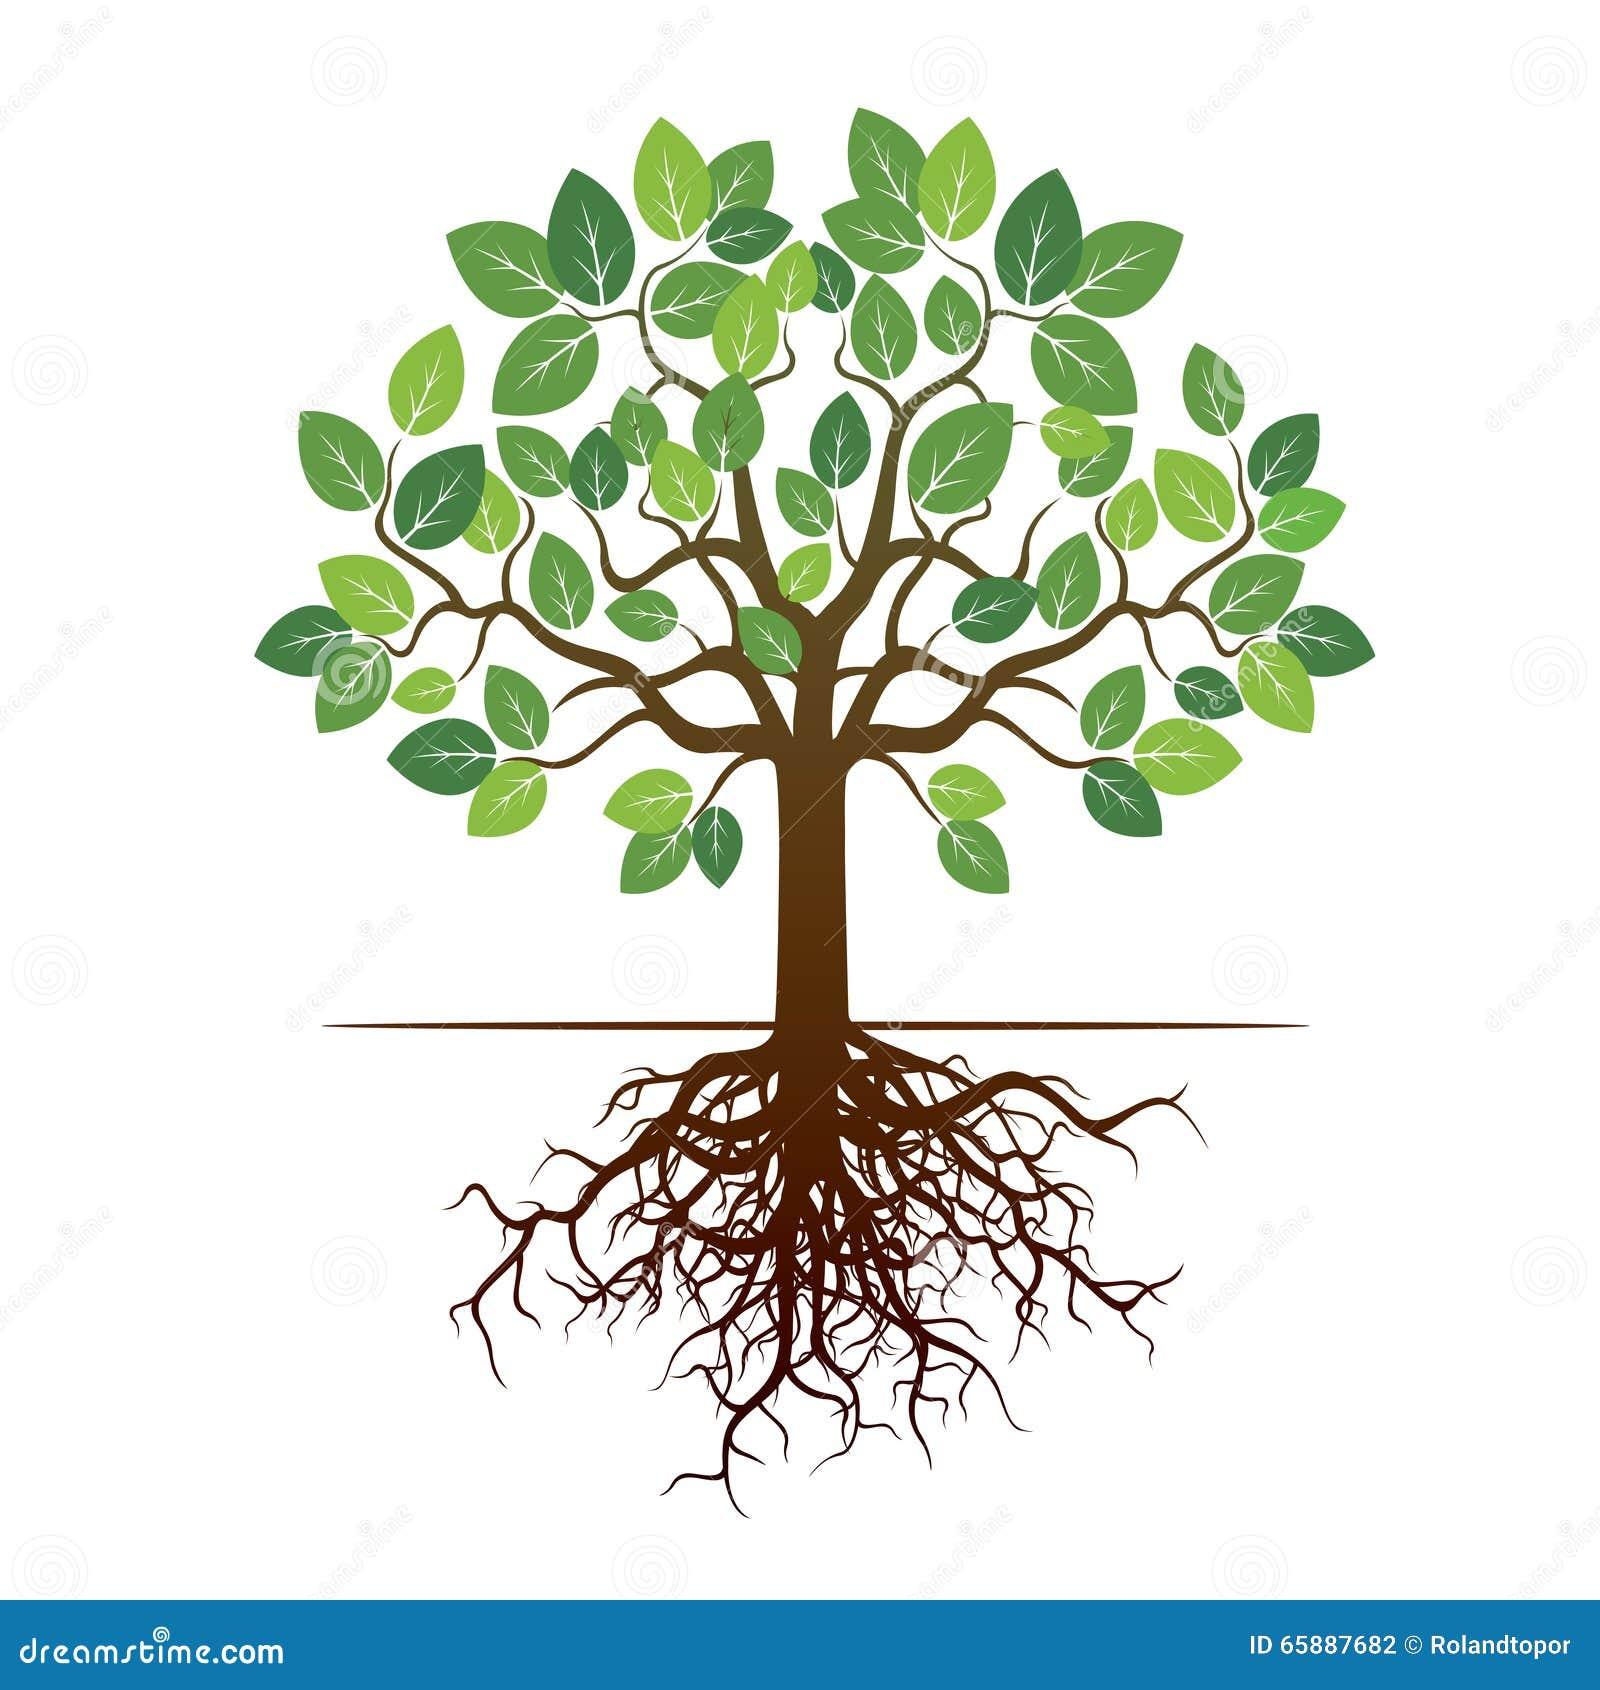 arbre et racines de couleur illustration de vecteur illustration stock illustration du dessin. Black Bedroom Furniture Sets. Home Design Ideas